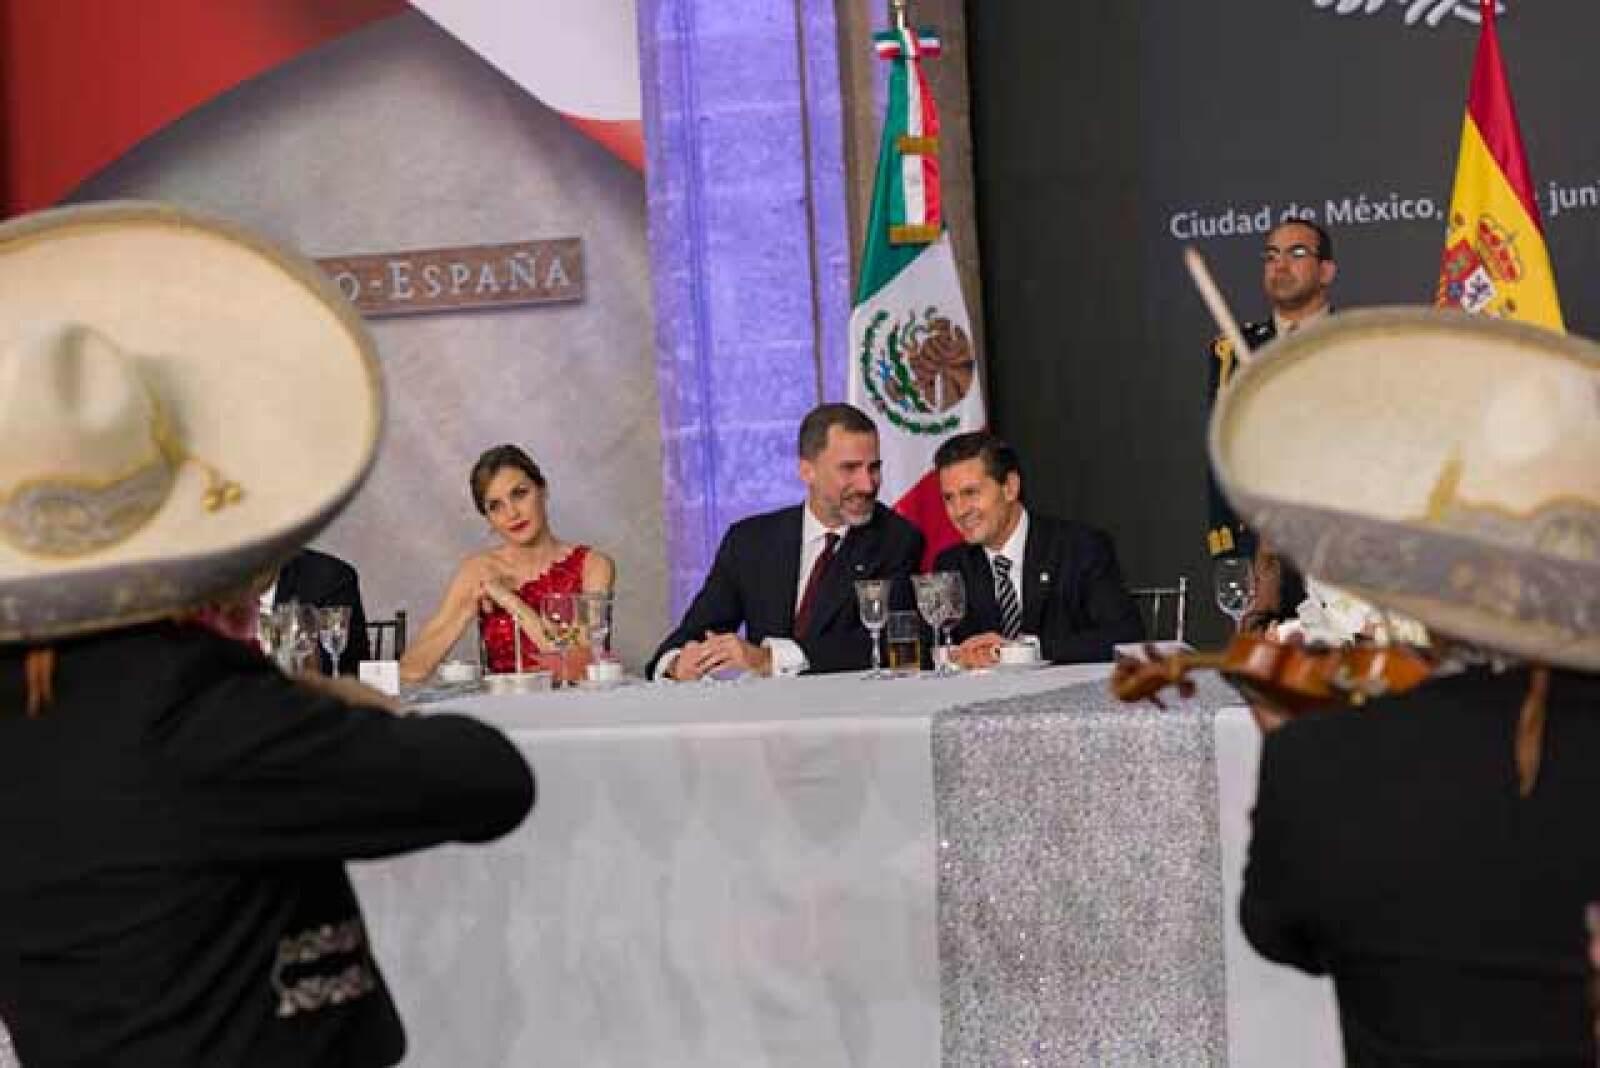 La cena fue amenizada con música de mariachi.